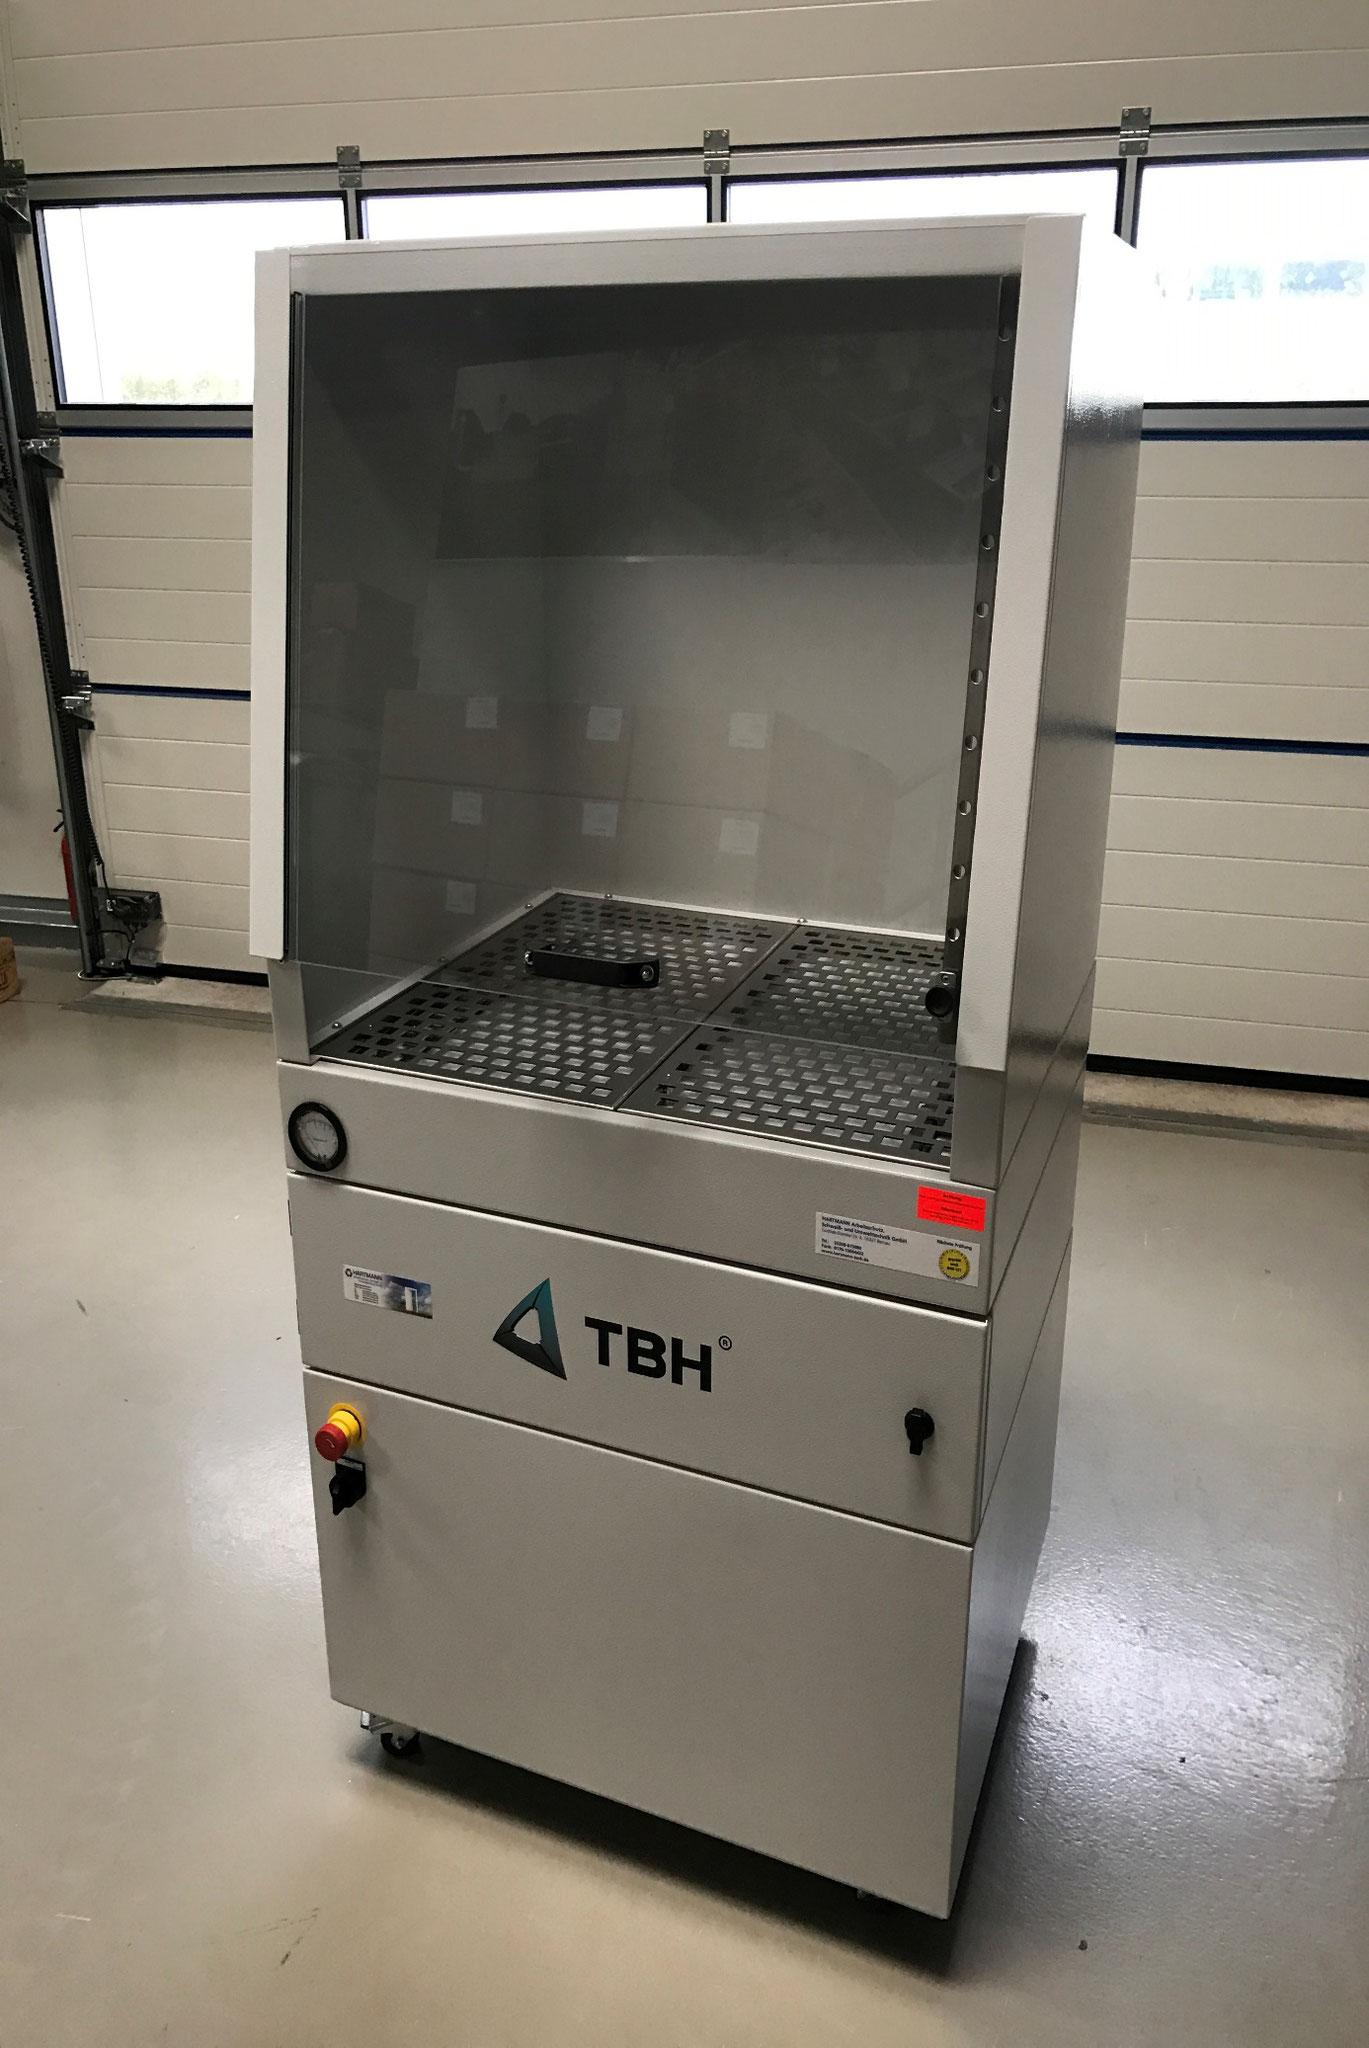 Laborabsaugkabinett mit integrierter Filtration und Aktivkohle-Filterstufe